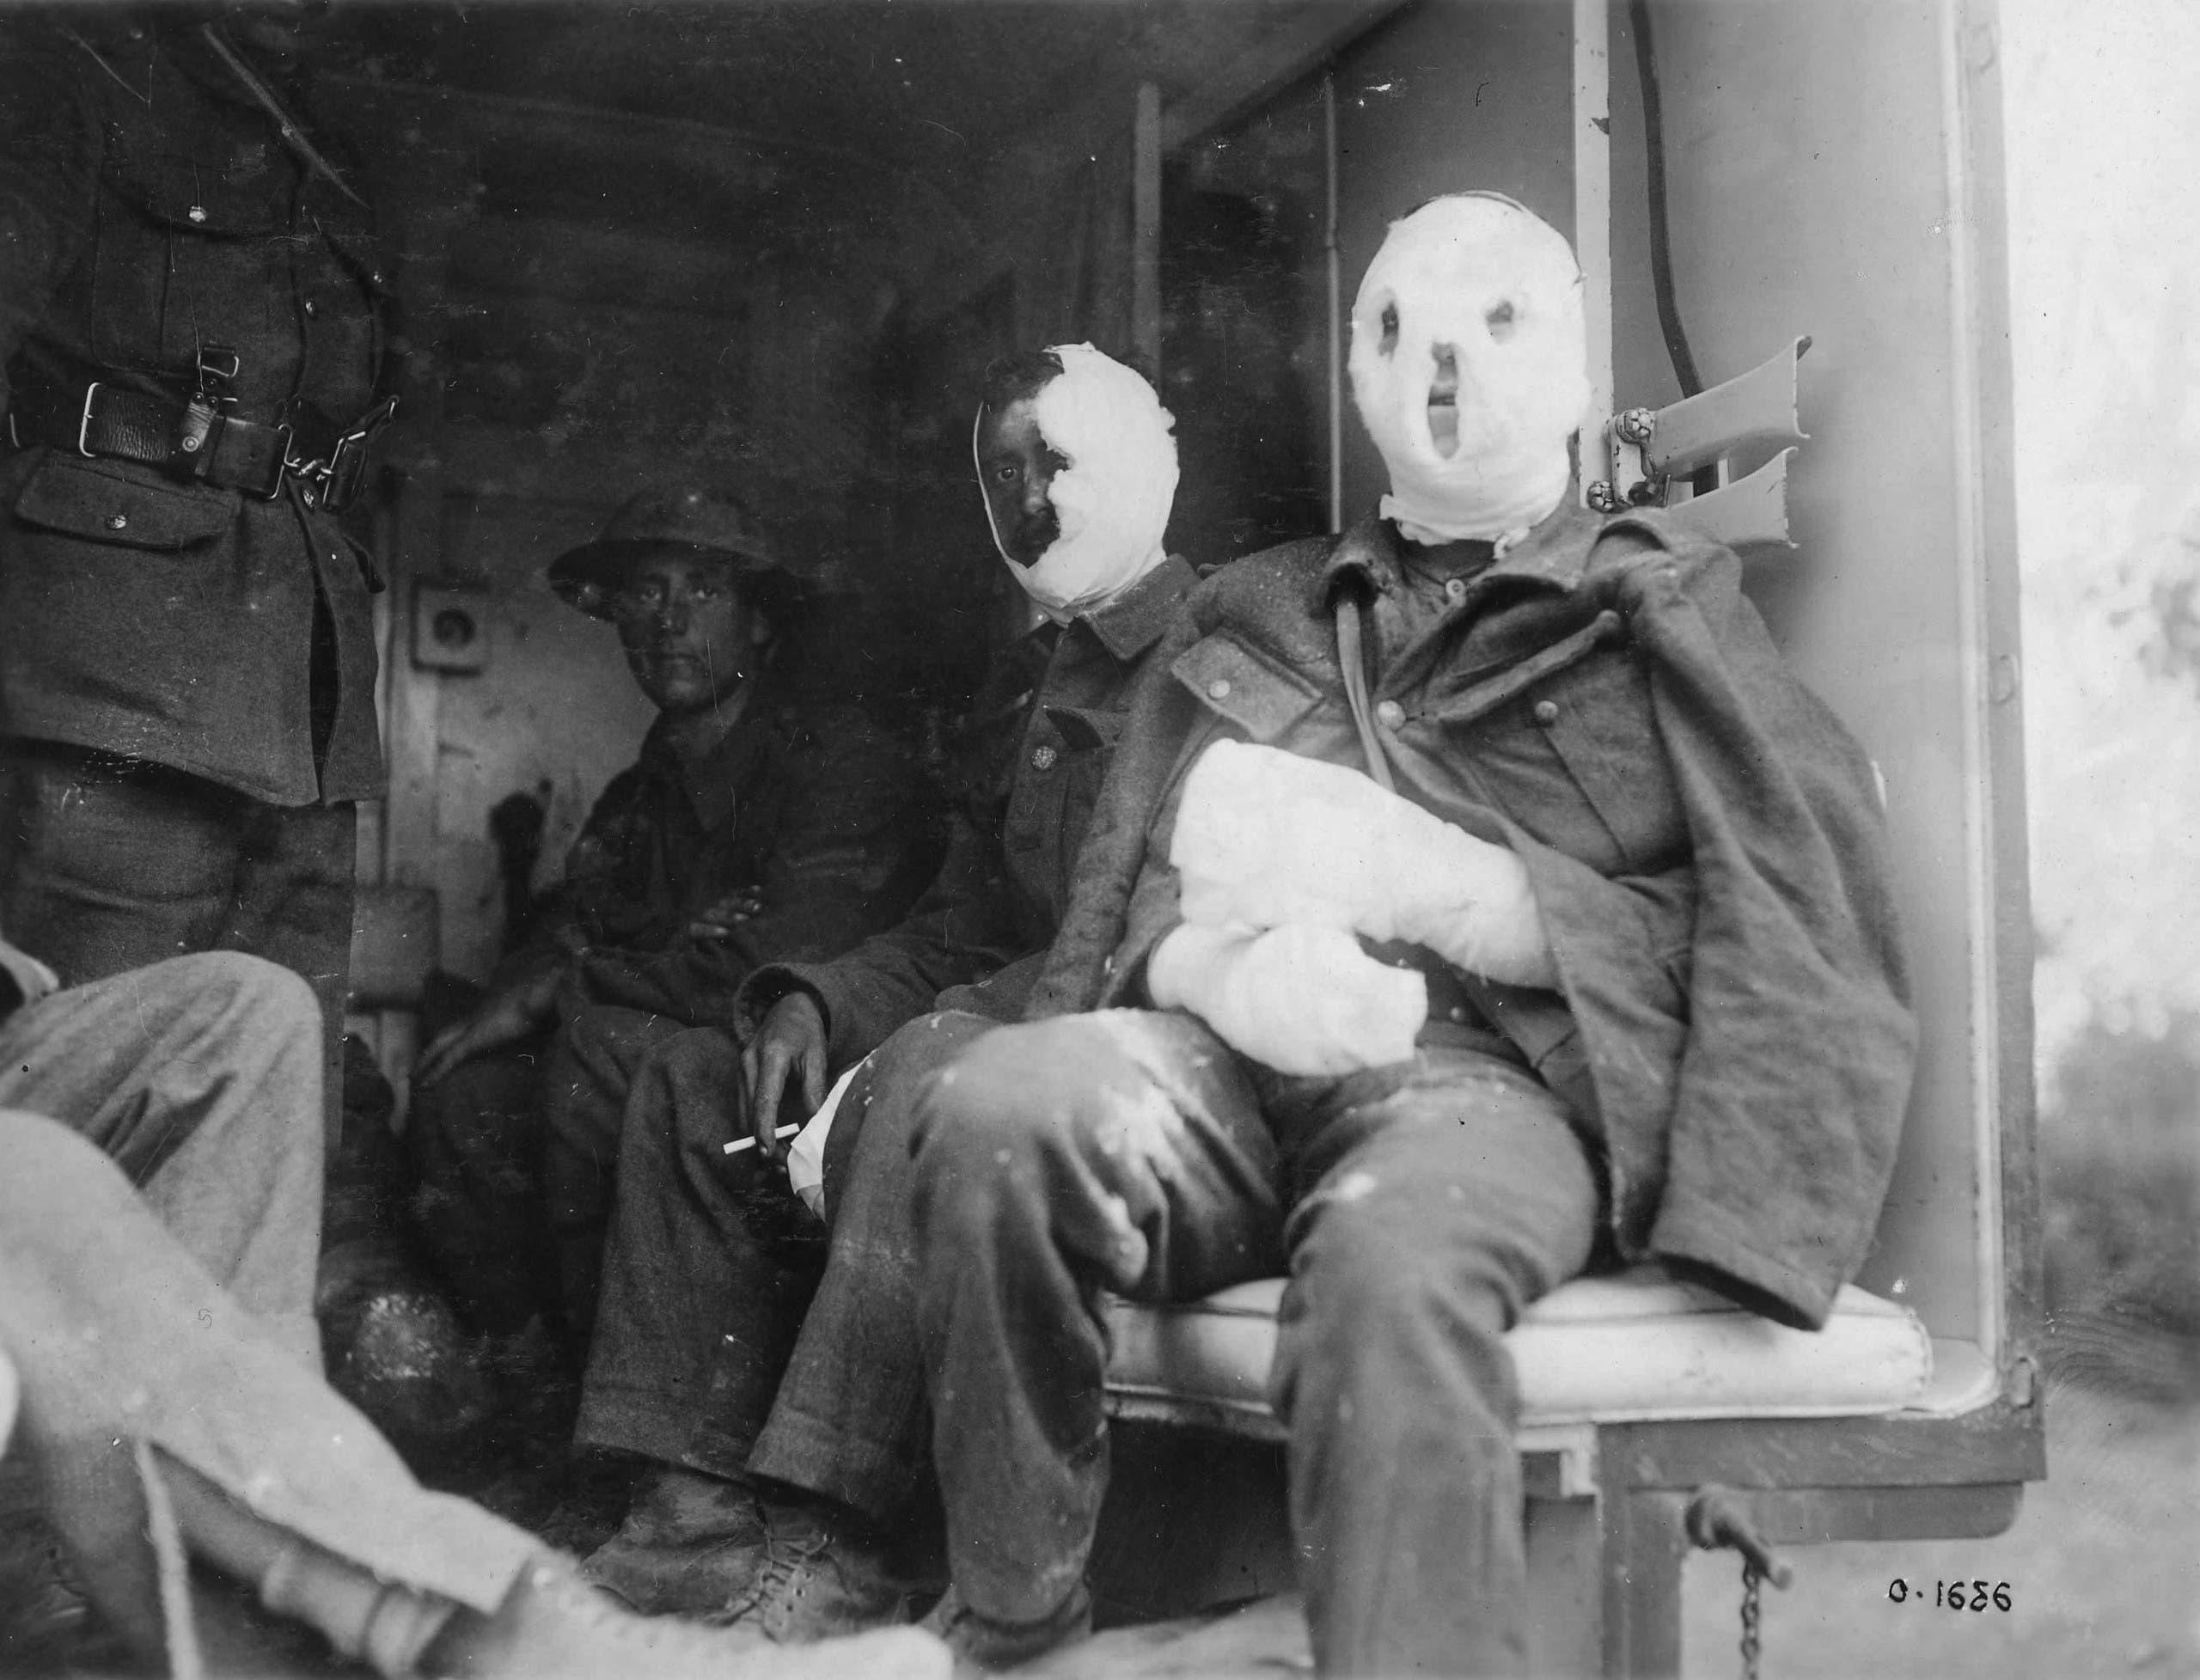 جنود بريطانيون مصابون عقب استهدافهم بغاز الخردل من قبل الألمان